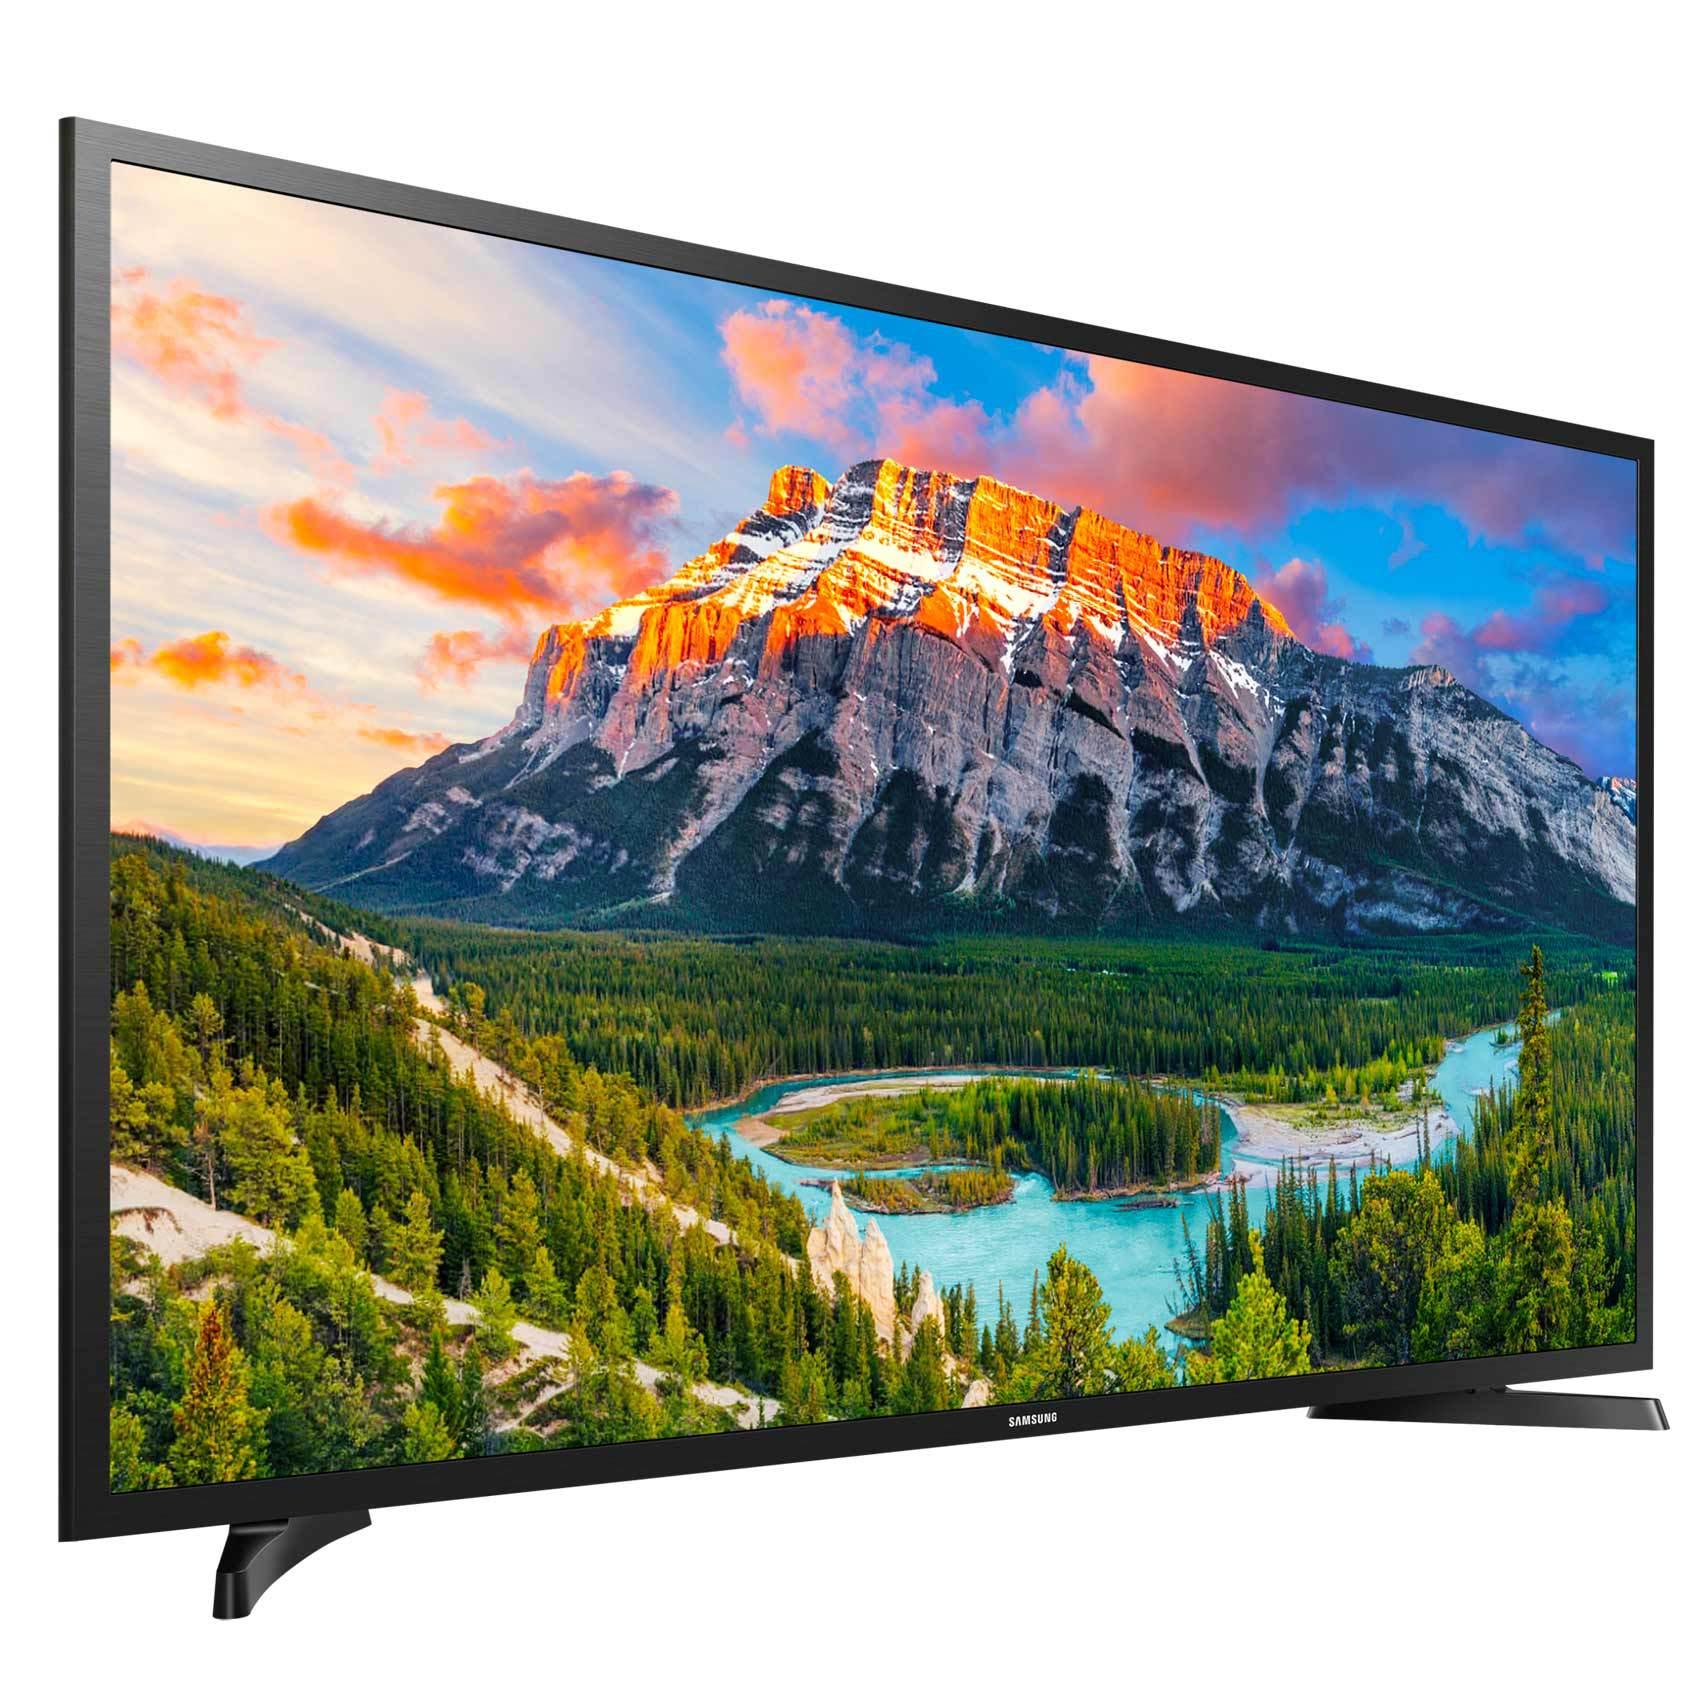 SAMSUNG LED SMART TV 49